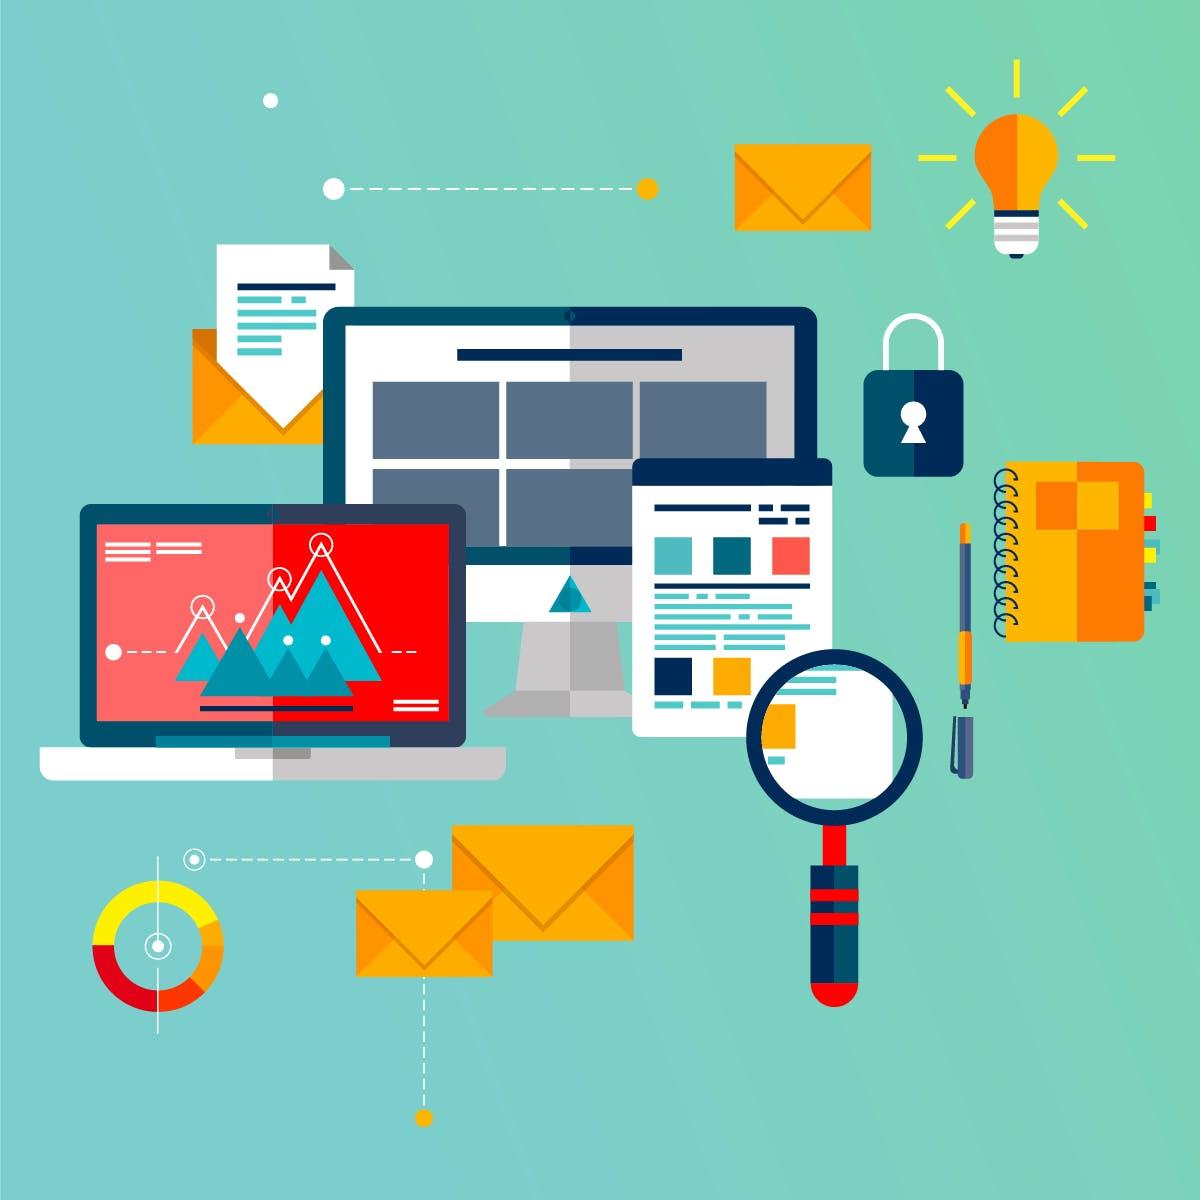 Практики управленческой аналитики в MS Excel